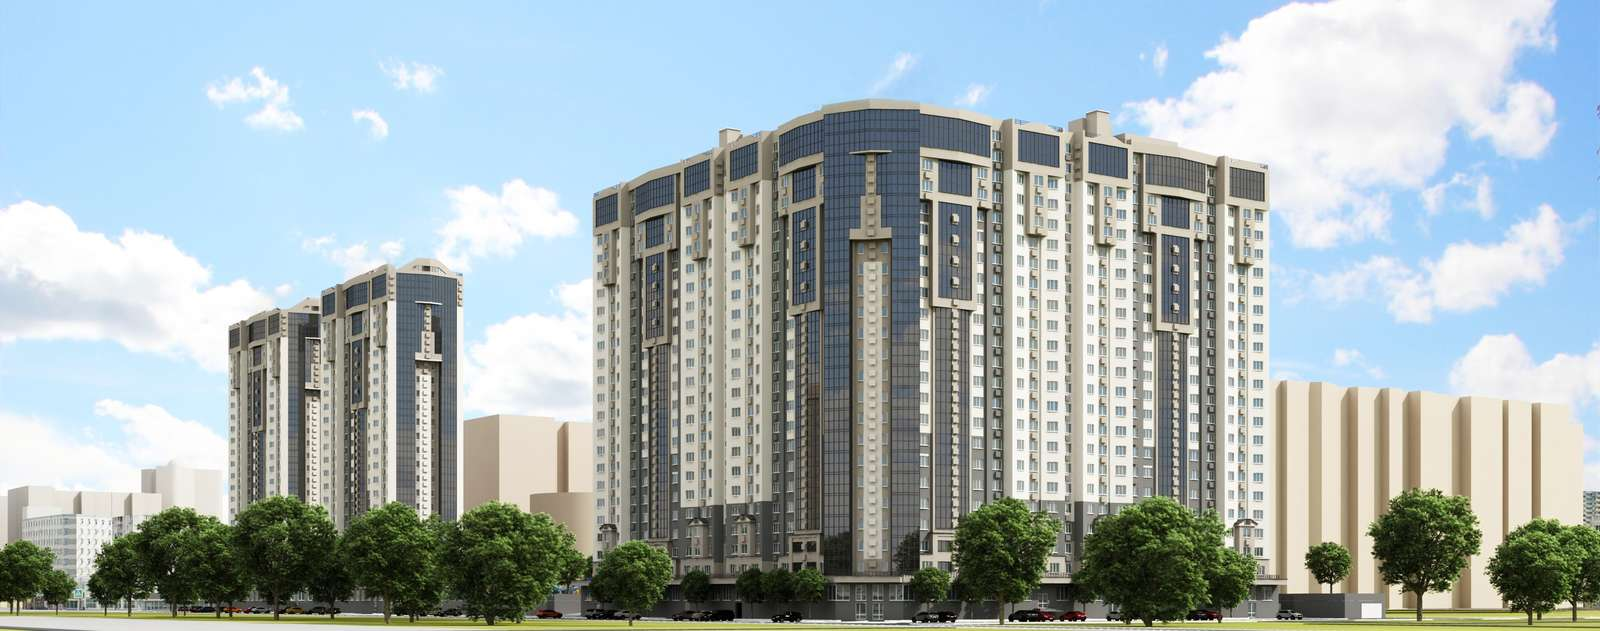 Продаётся 2-комнатная квартира в новостройке 65.3 кв.м. этаж 11/23 за 4 700 000 руб